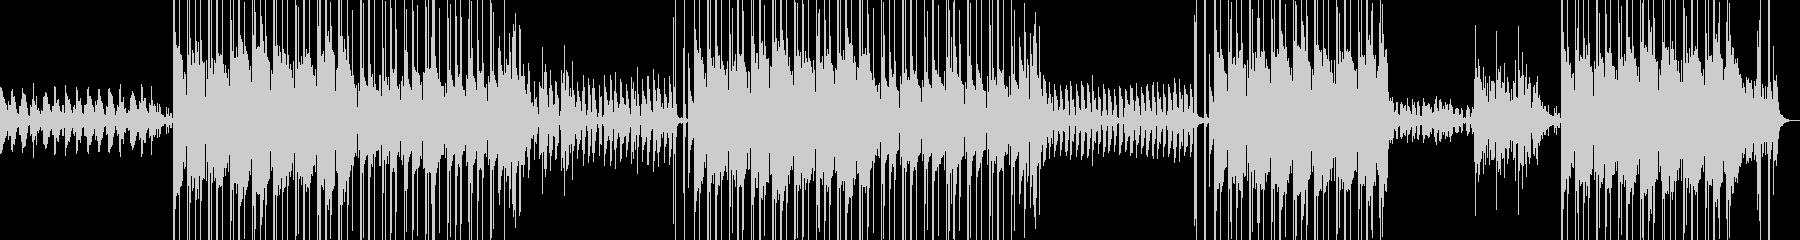 ハロウィン・ヒップホップ・ホラー・幽霊の未再生の波形